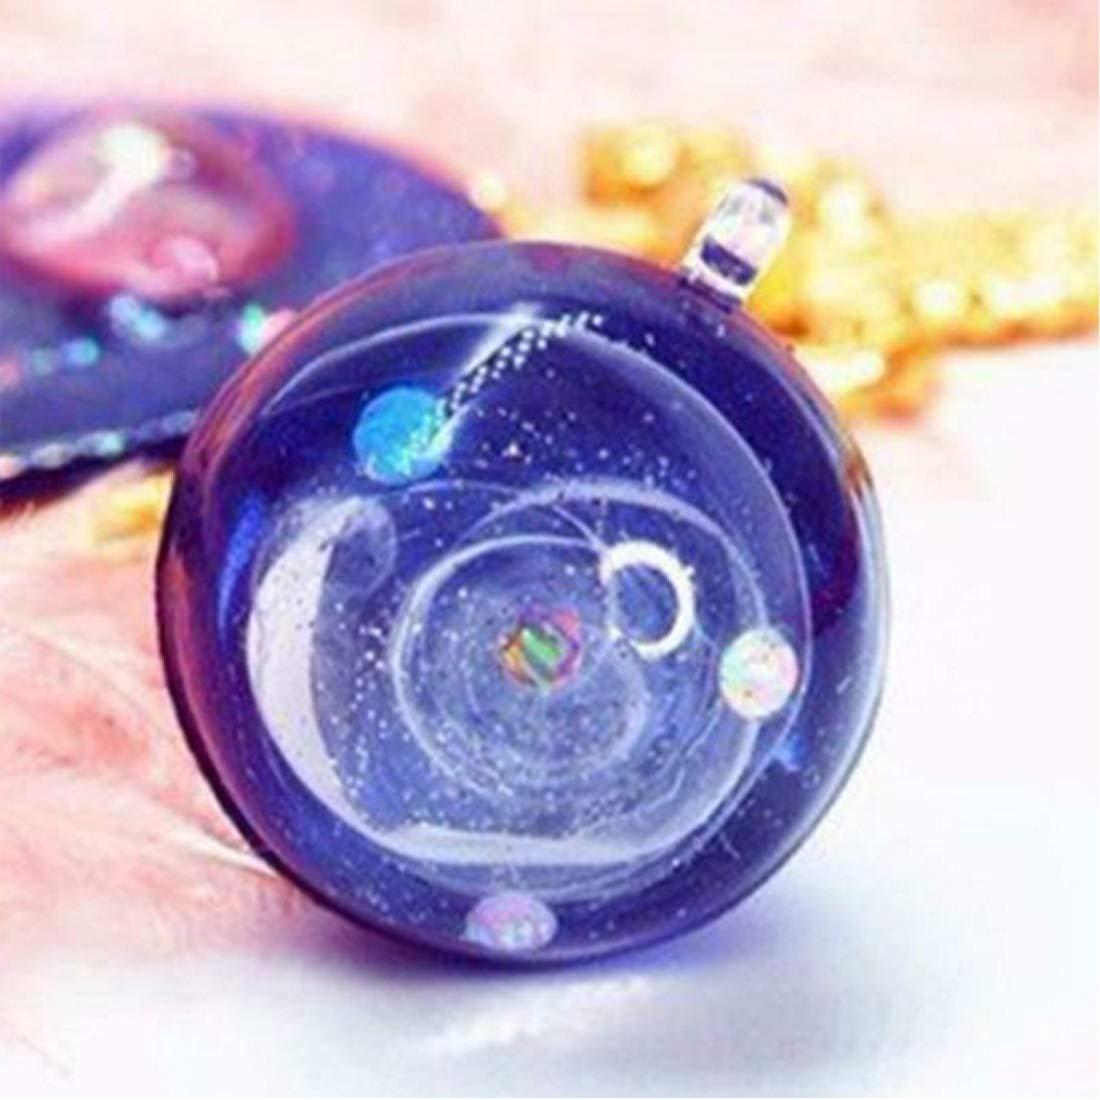 Moule de r/ésine de silicone transparent bricolage artisanat Diff/érentes tailles univers forme de boule de r/ésine /époxy moules pour bijoux